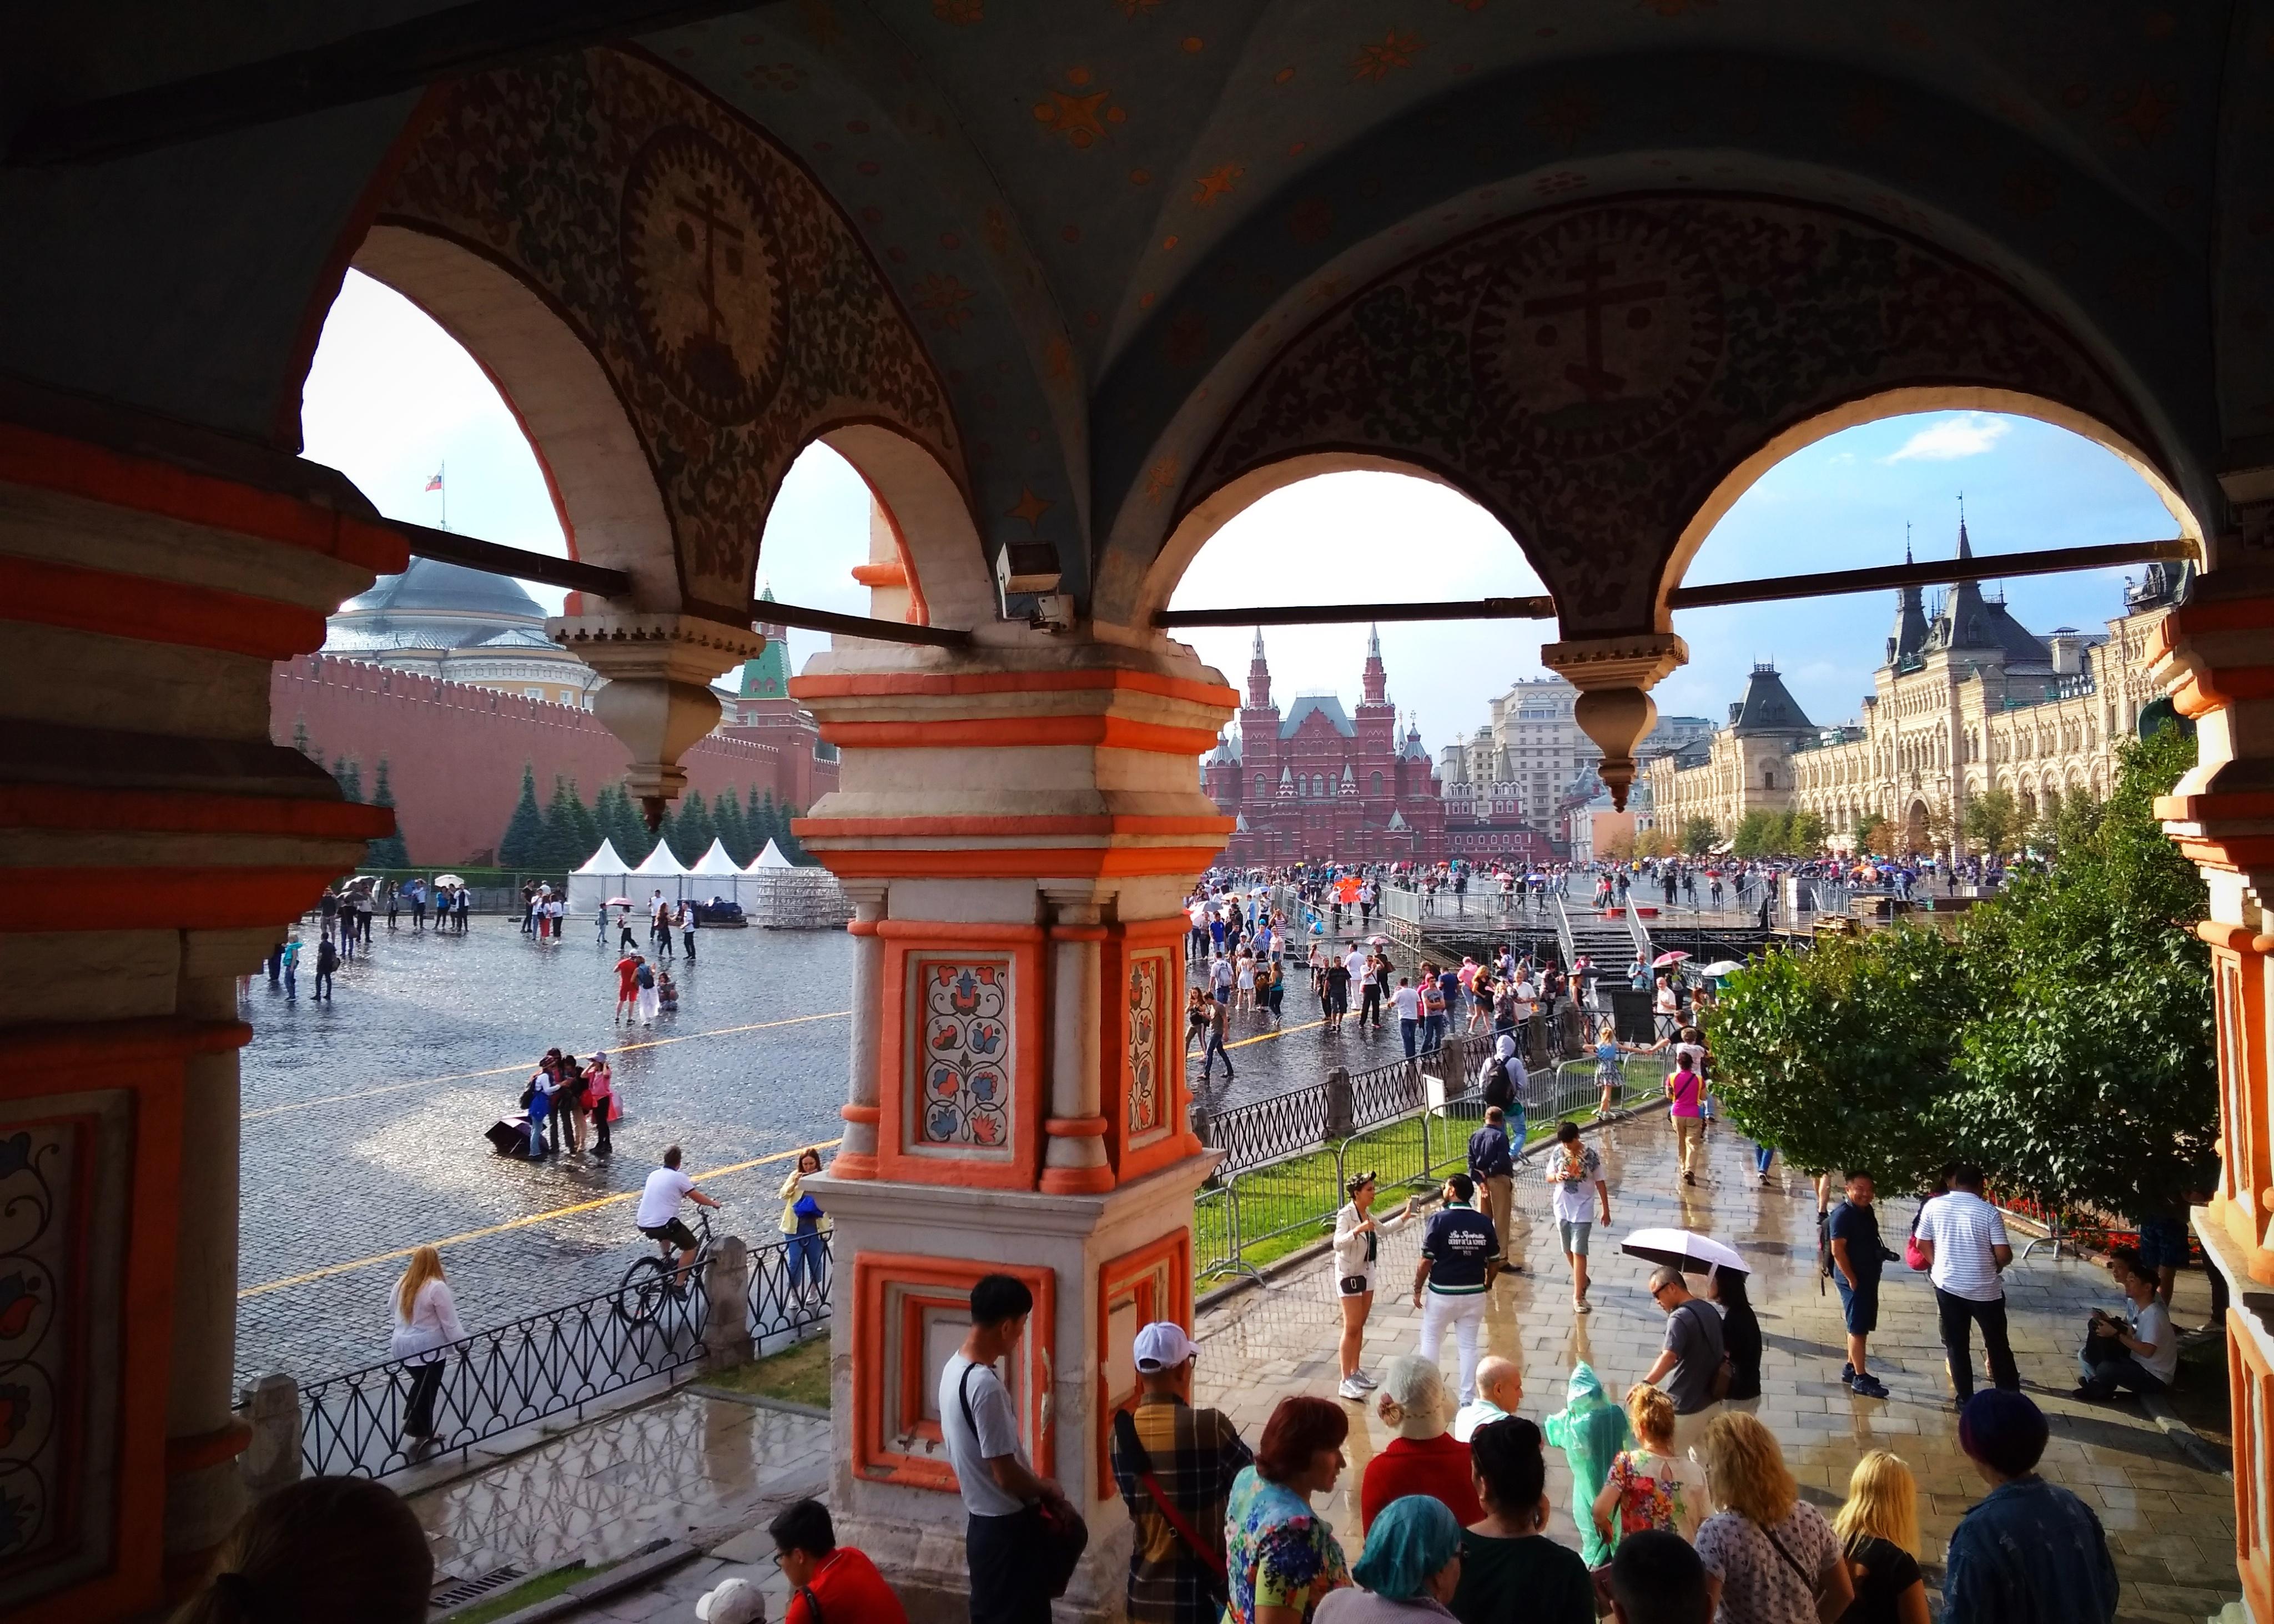 #ФотоДняРусскоеПоле «Москва. Красная площадь. После дождя» (22.07.18)